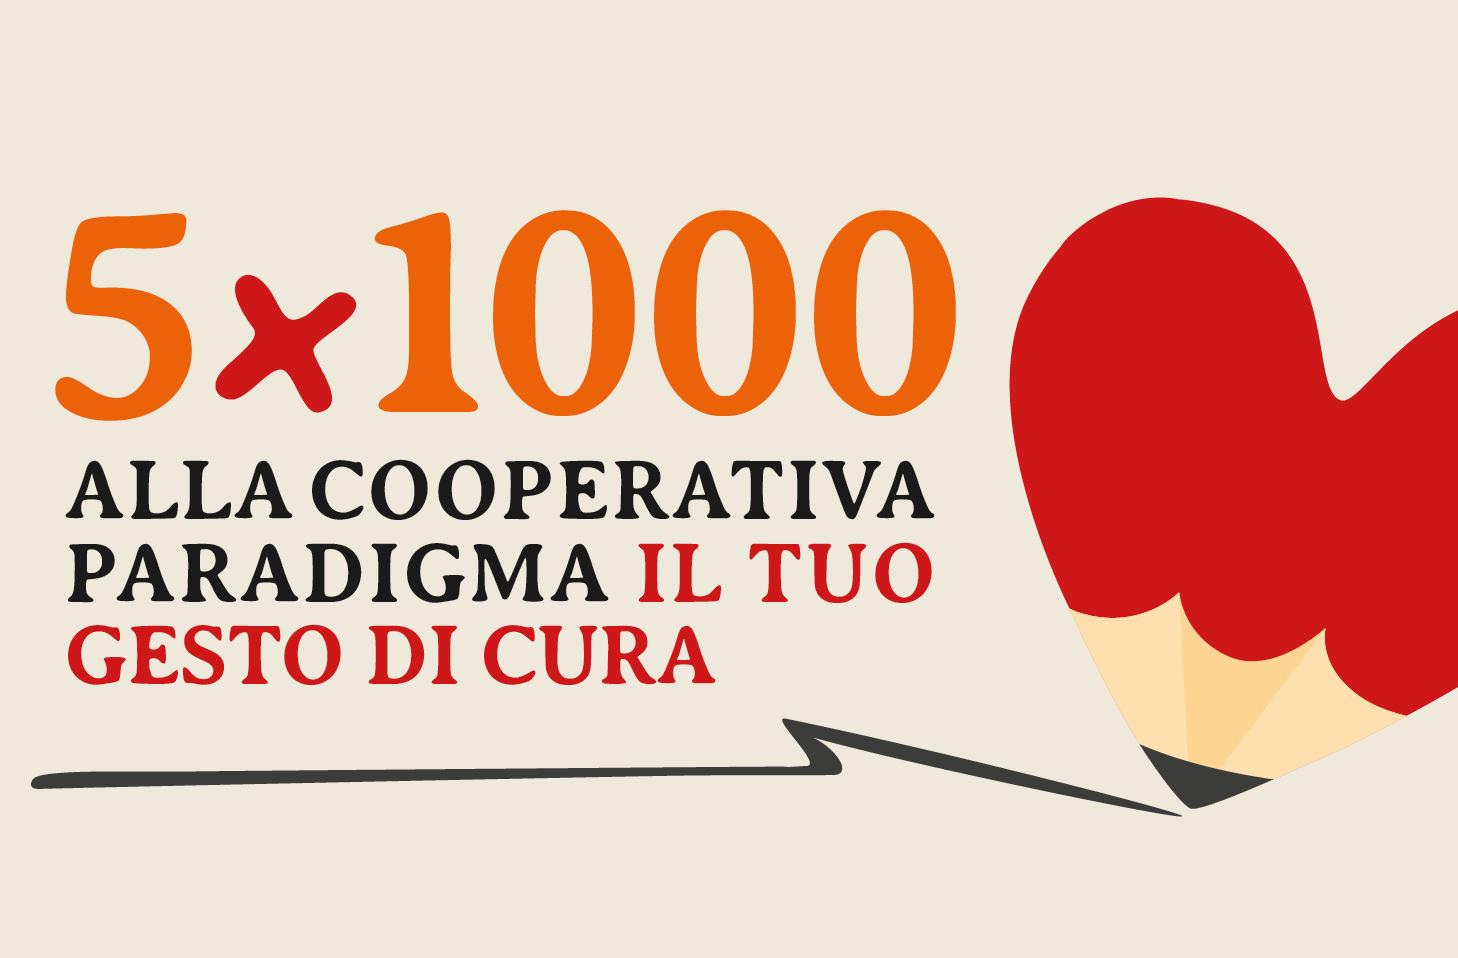 5×1000: il tuo gesto di cura!